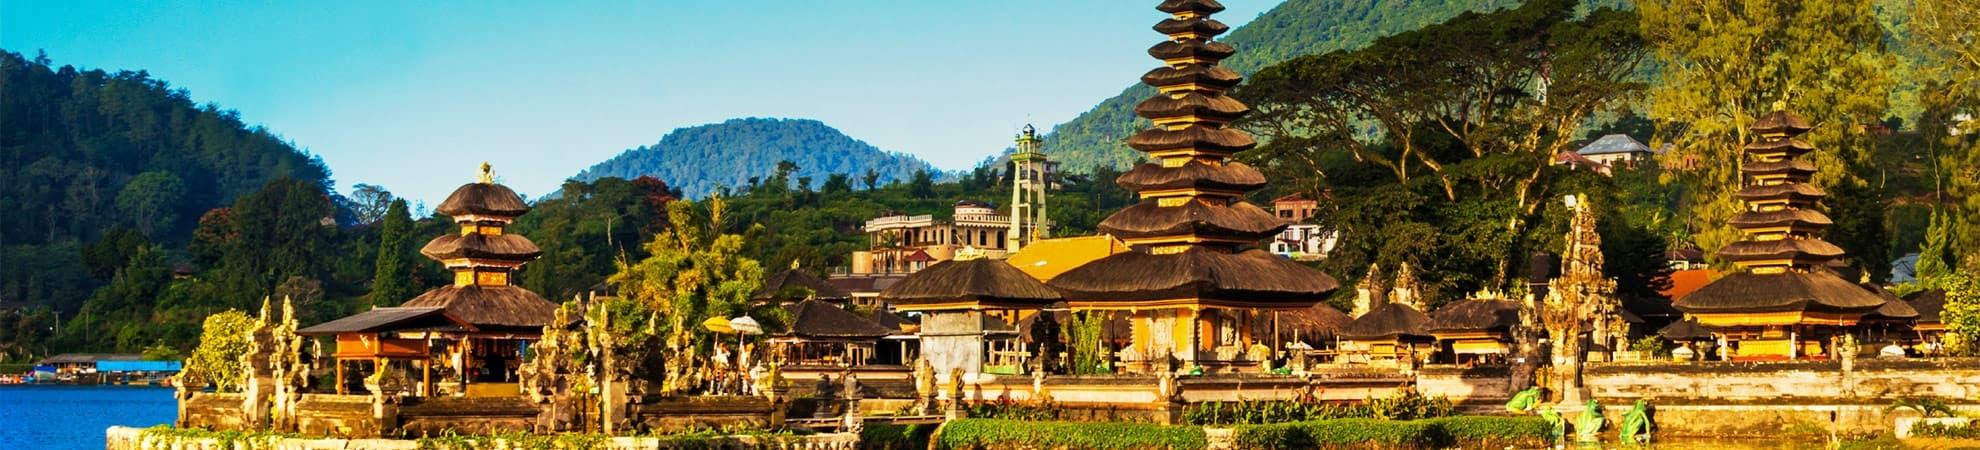 Tous nos voyages en Indonésie